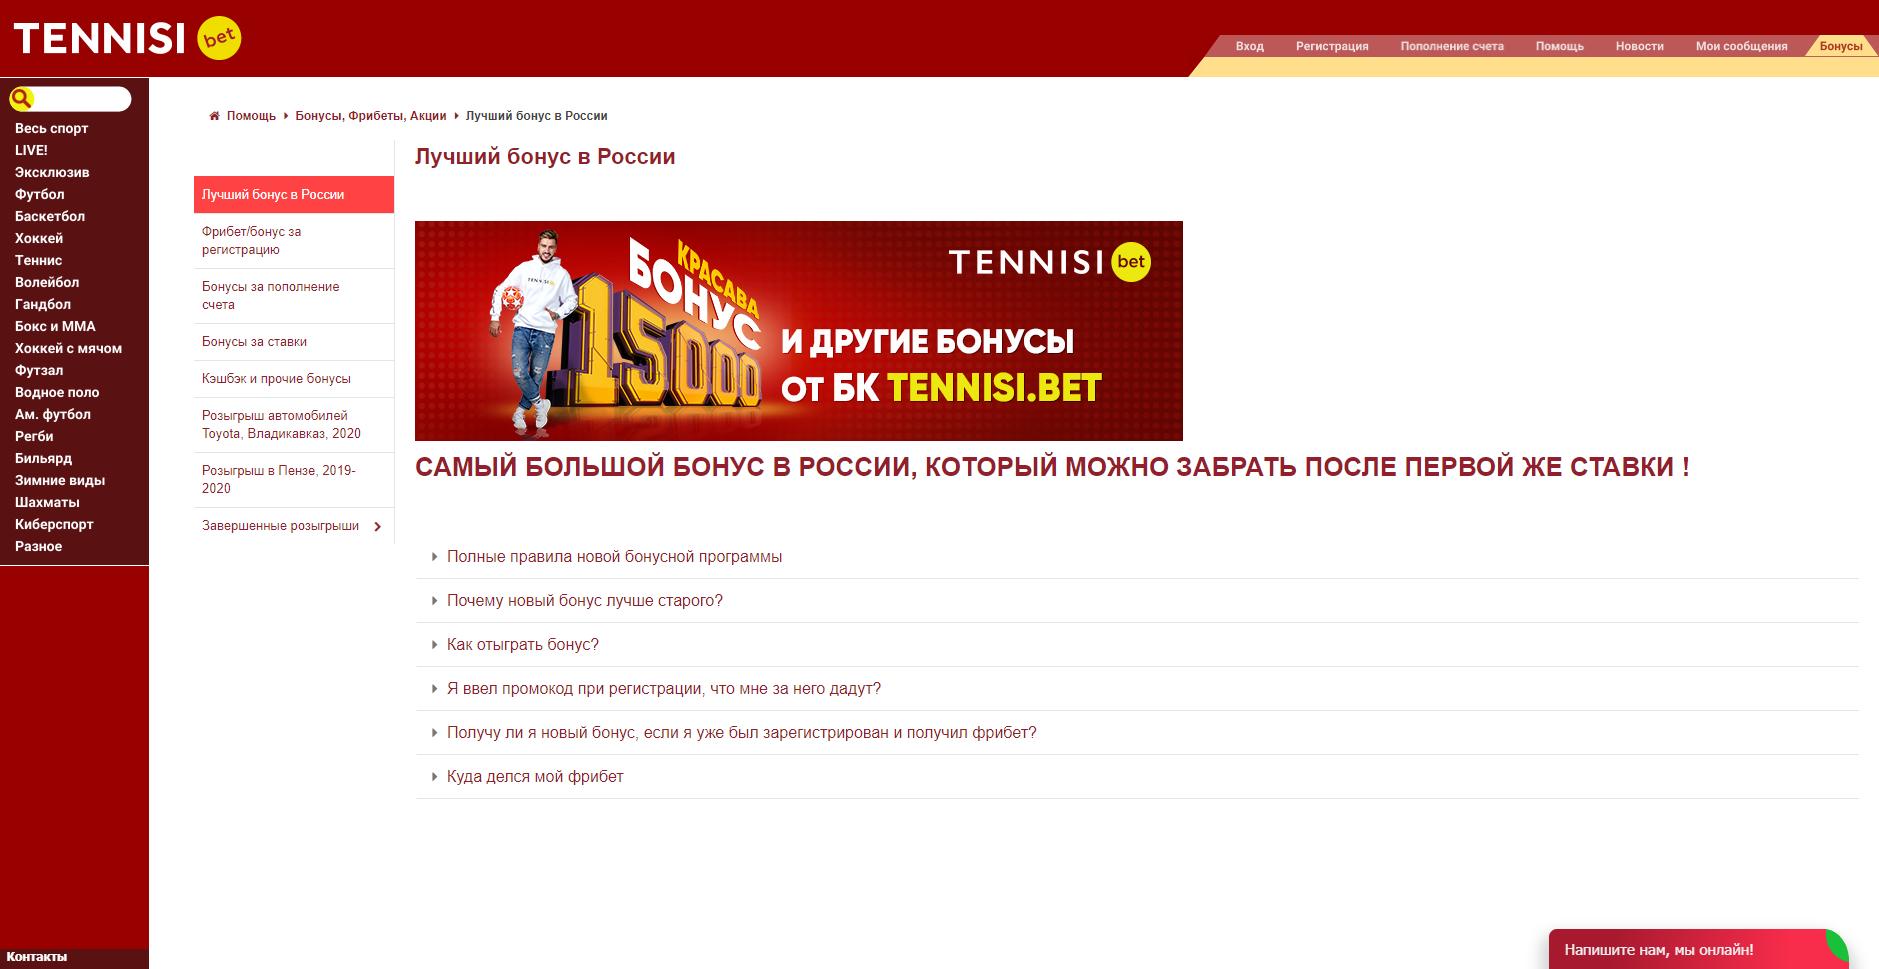 Раздел с бонусами в Тенниси